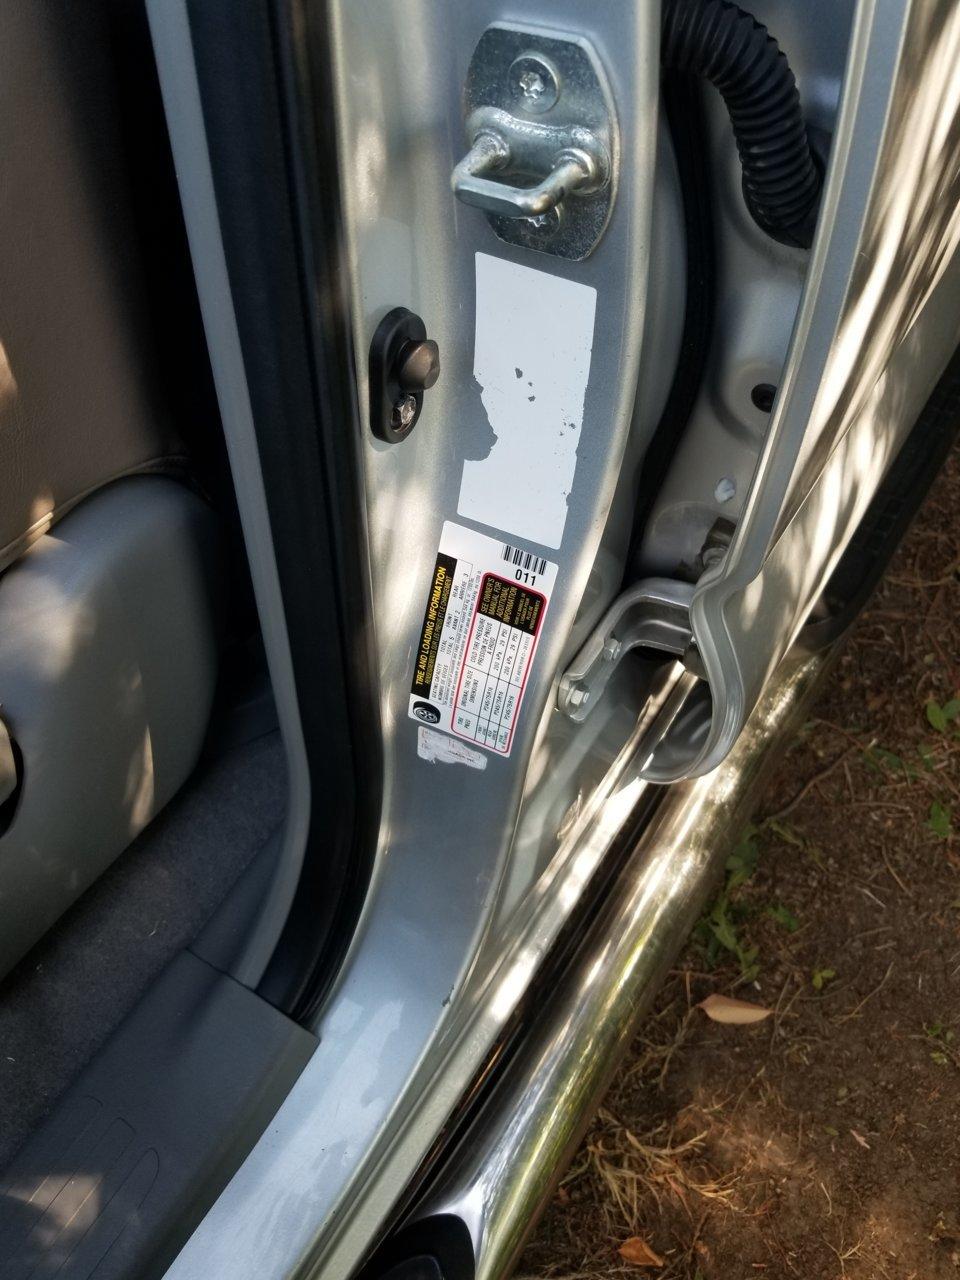 Door jamb vin sticker missing | Tacoma World